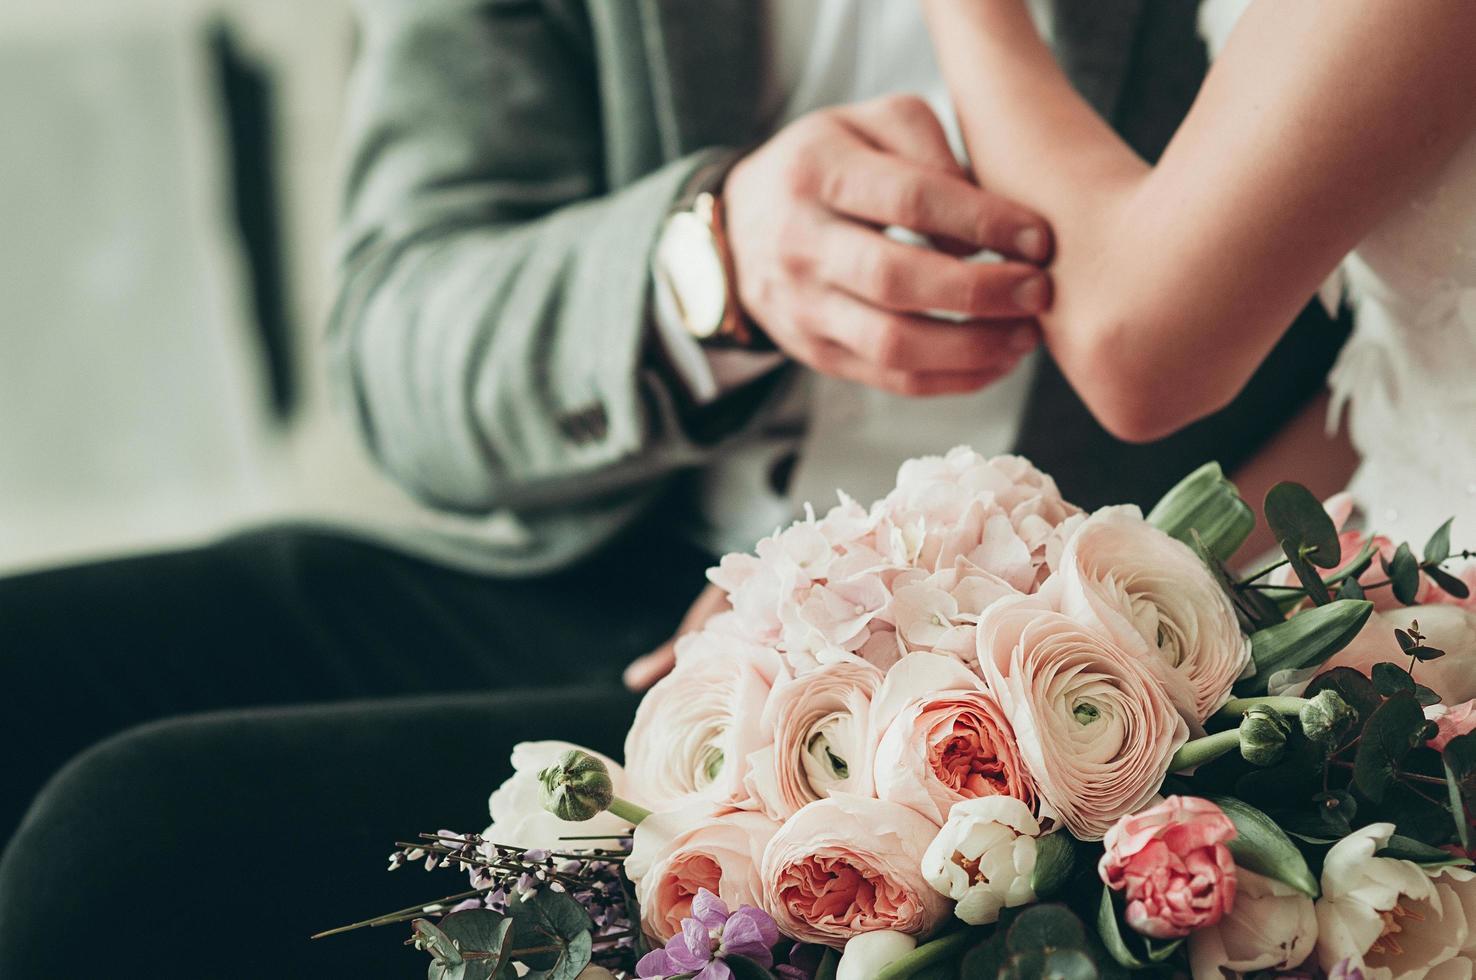 bruidsboeket met wazige bruid en bruidegom op de achtergrond foto